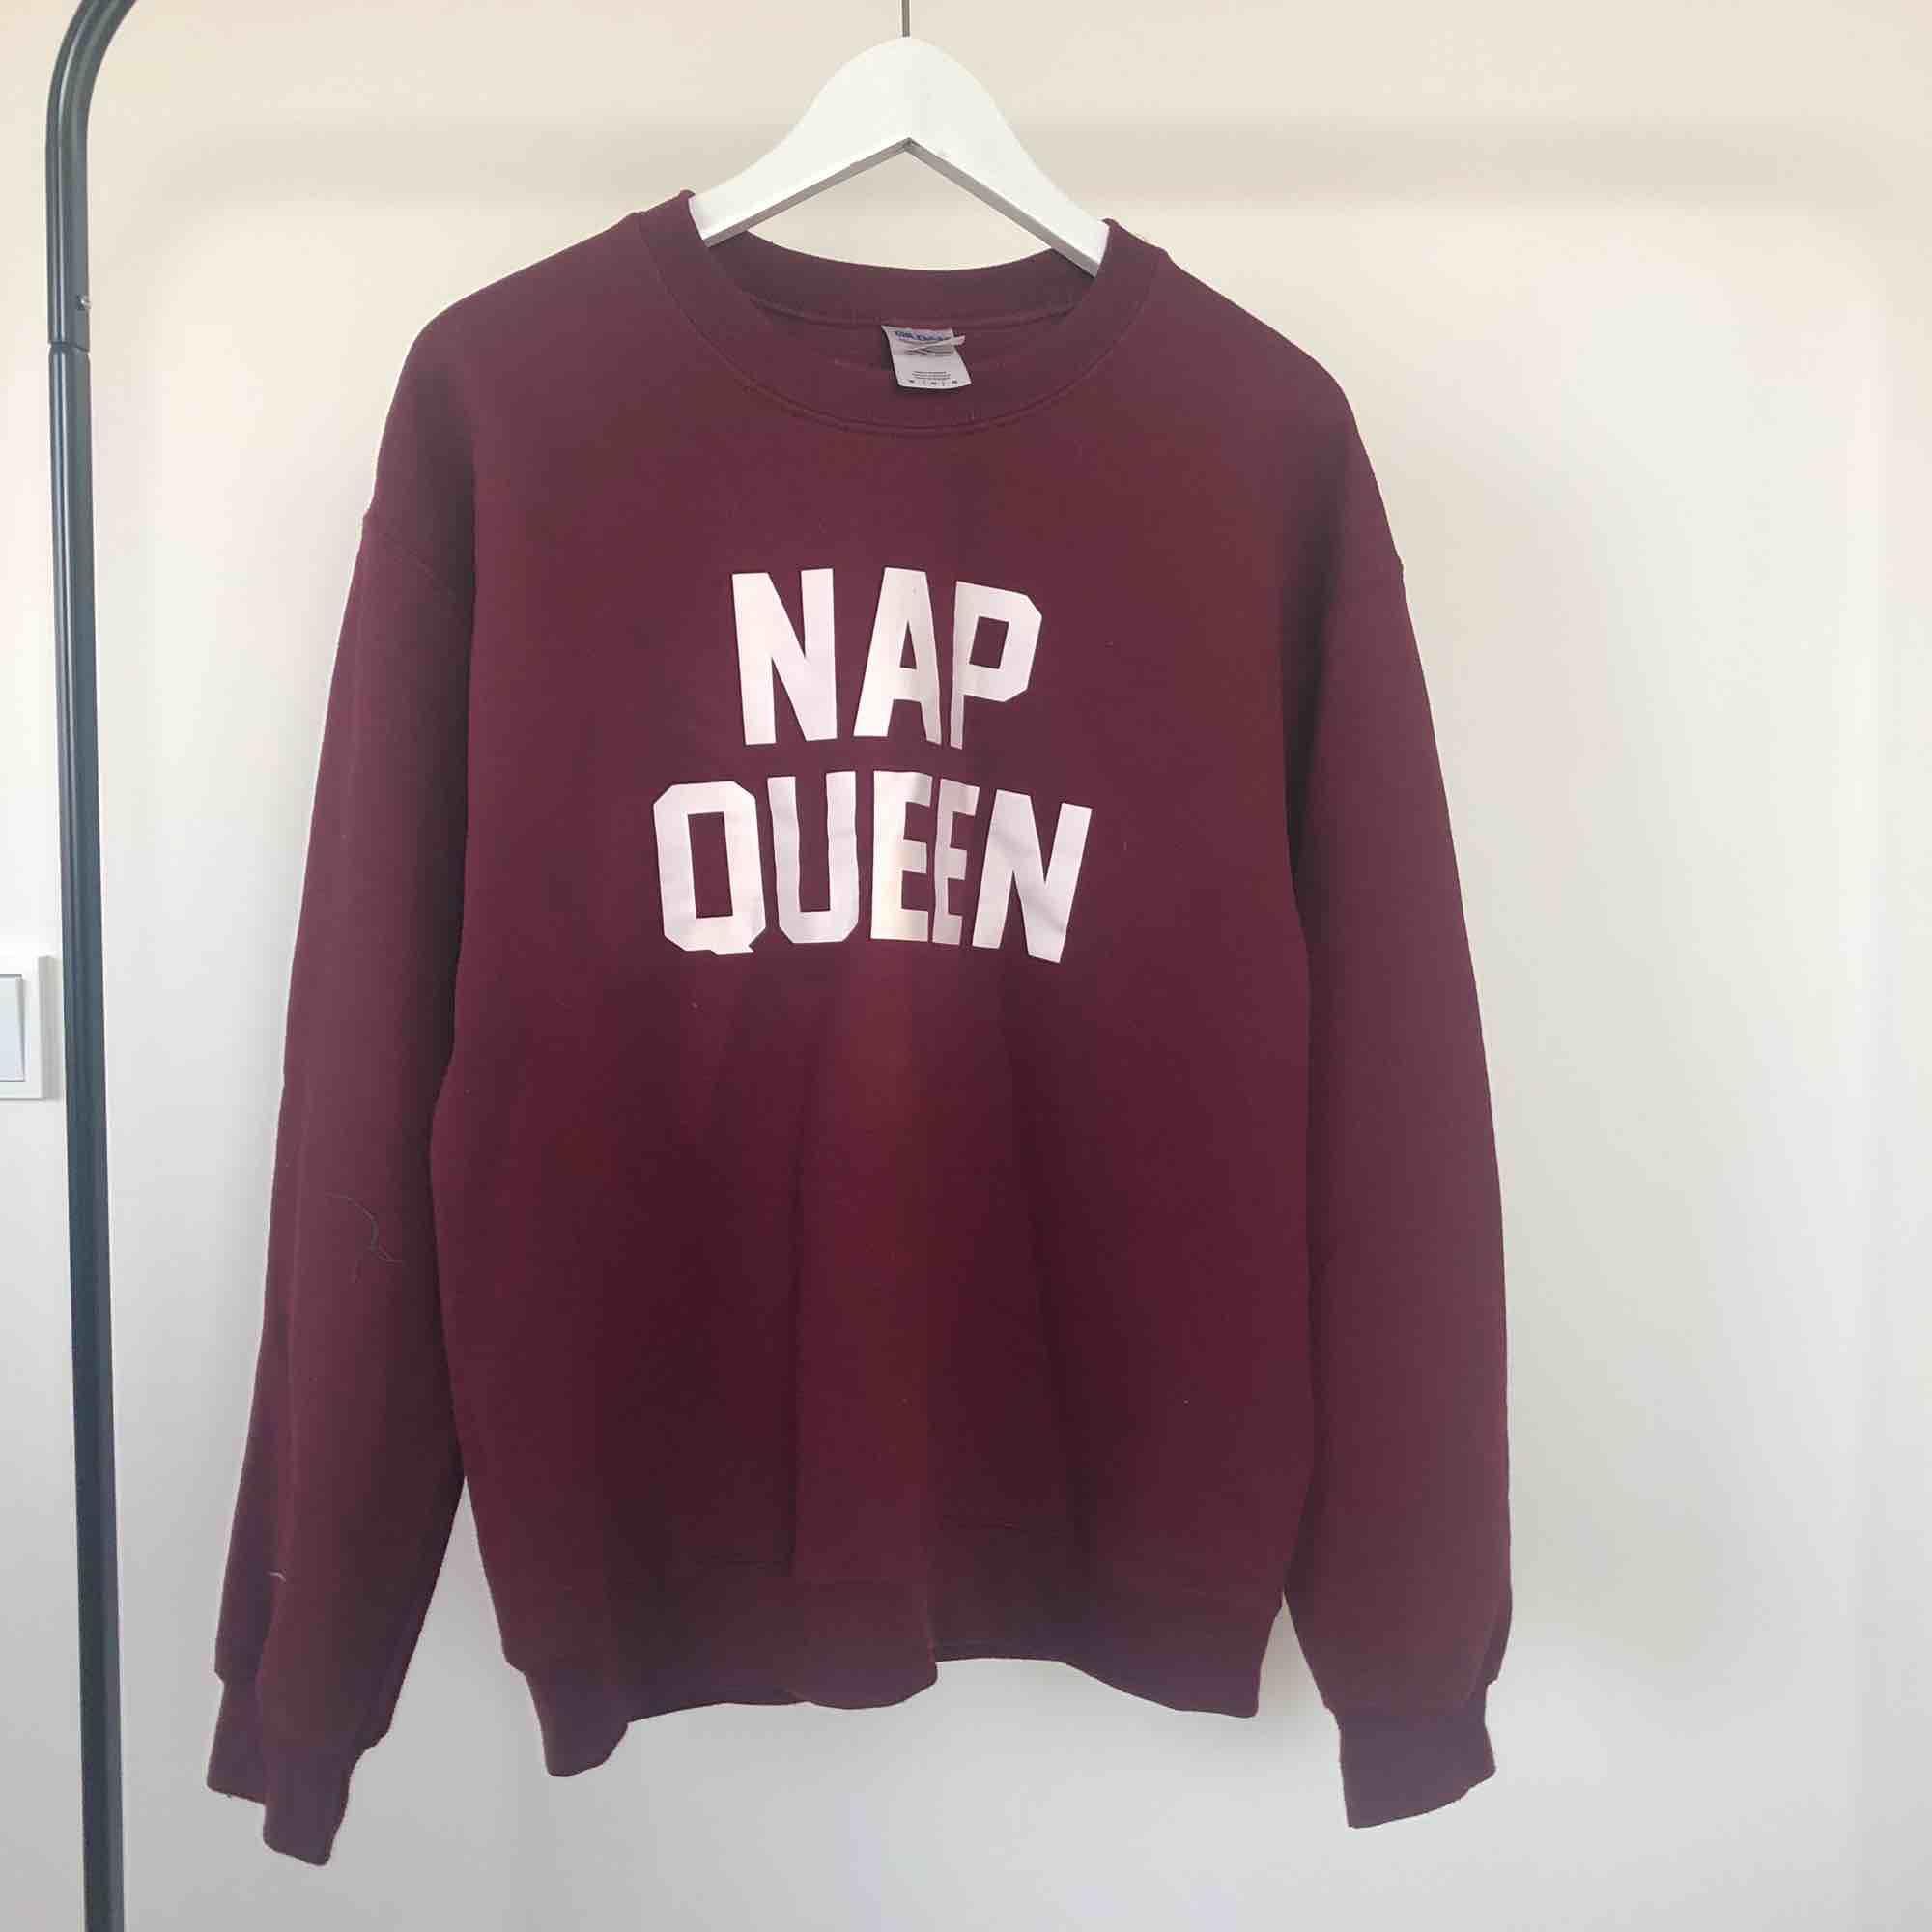 Nap Queen Sweatshirt || Original pris 350 kr ||  Färg: burgandy || Oversized i storleken (själv är storlek S och passar bra), men jätte skön och mjuk || Knappt använd ✨. Huvtröjor & Träningströjor.